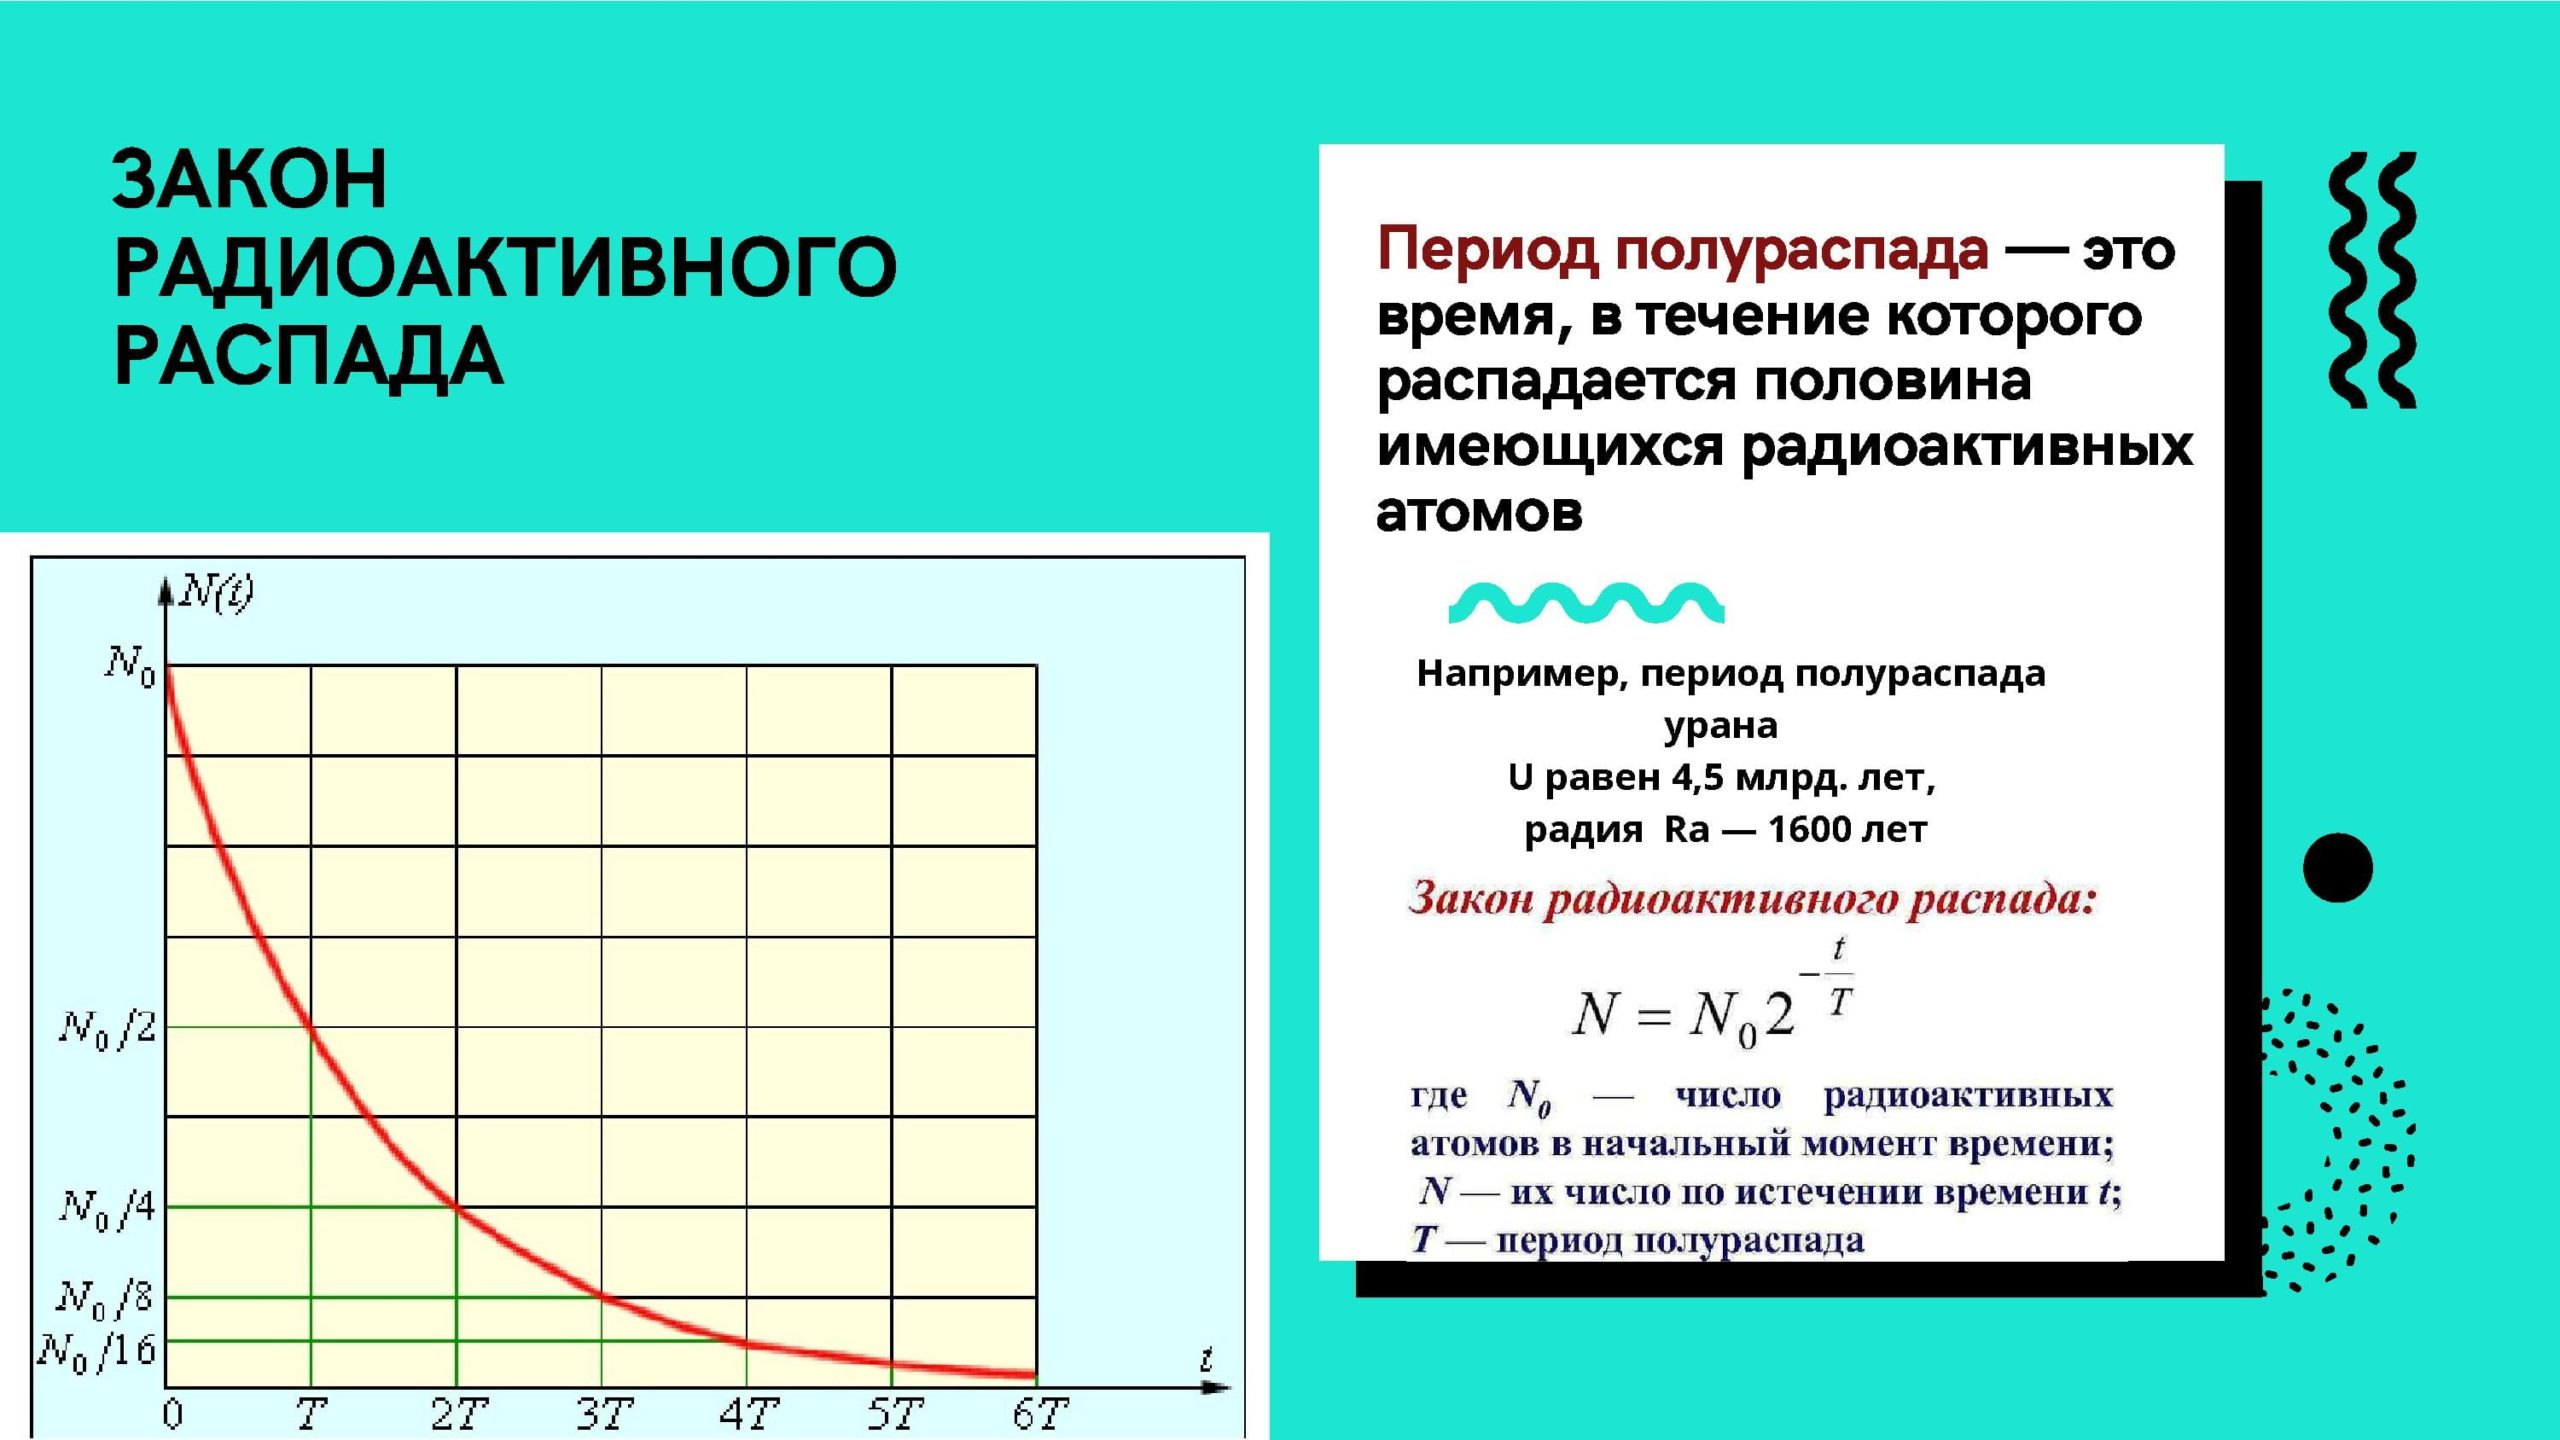 Закон радиоактивного распада. Период полураспада - это время, в течение которого